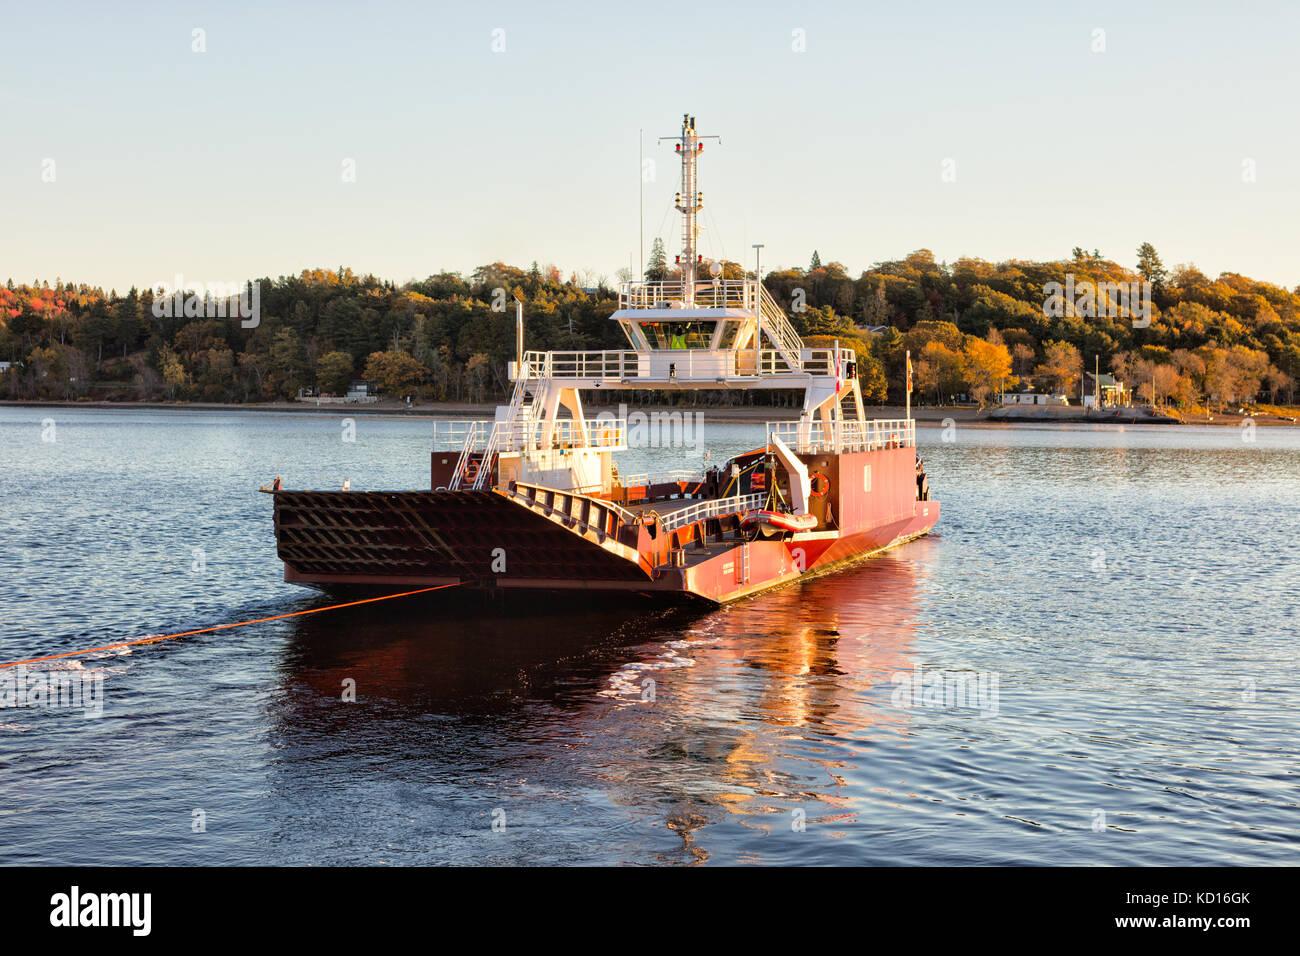 Traghetto per auto lasciando brundage punto river center di fiume Saint John, grand bay-Westfield, New Brunswick, Foto Stock